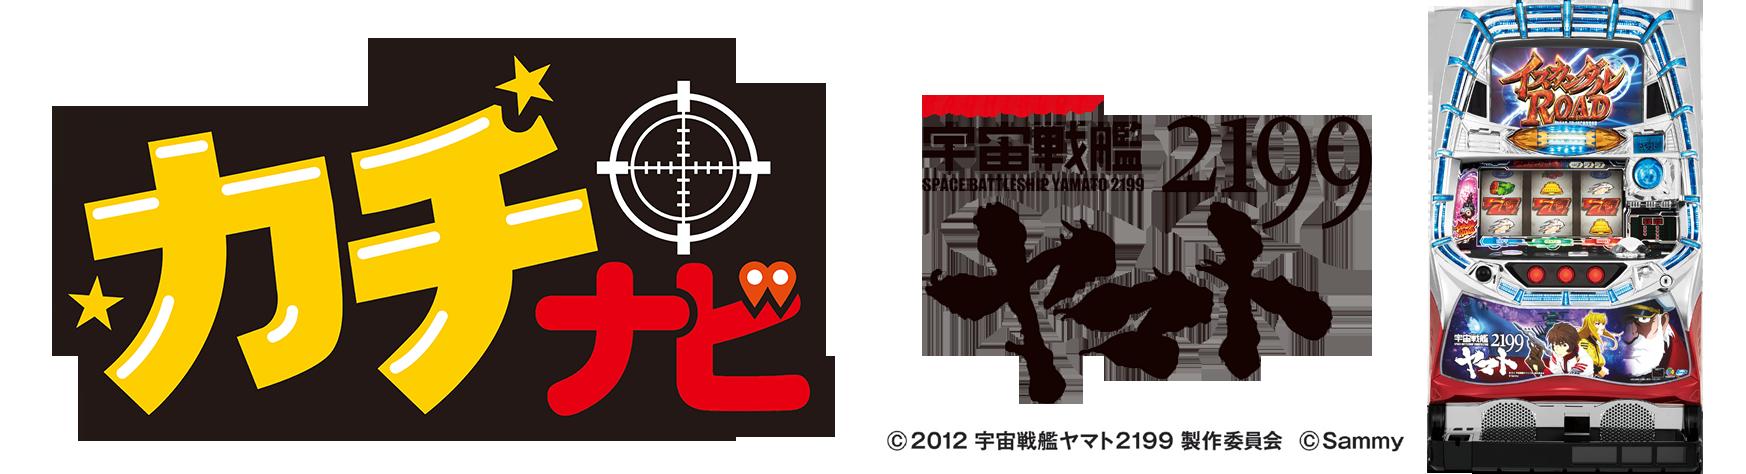 kachinabi_top_yamato.png